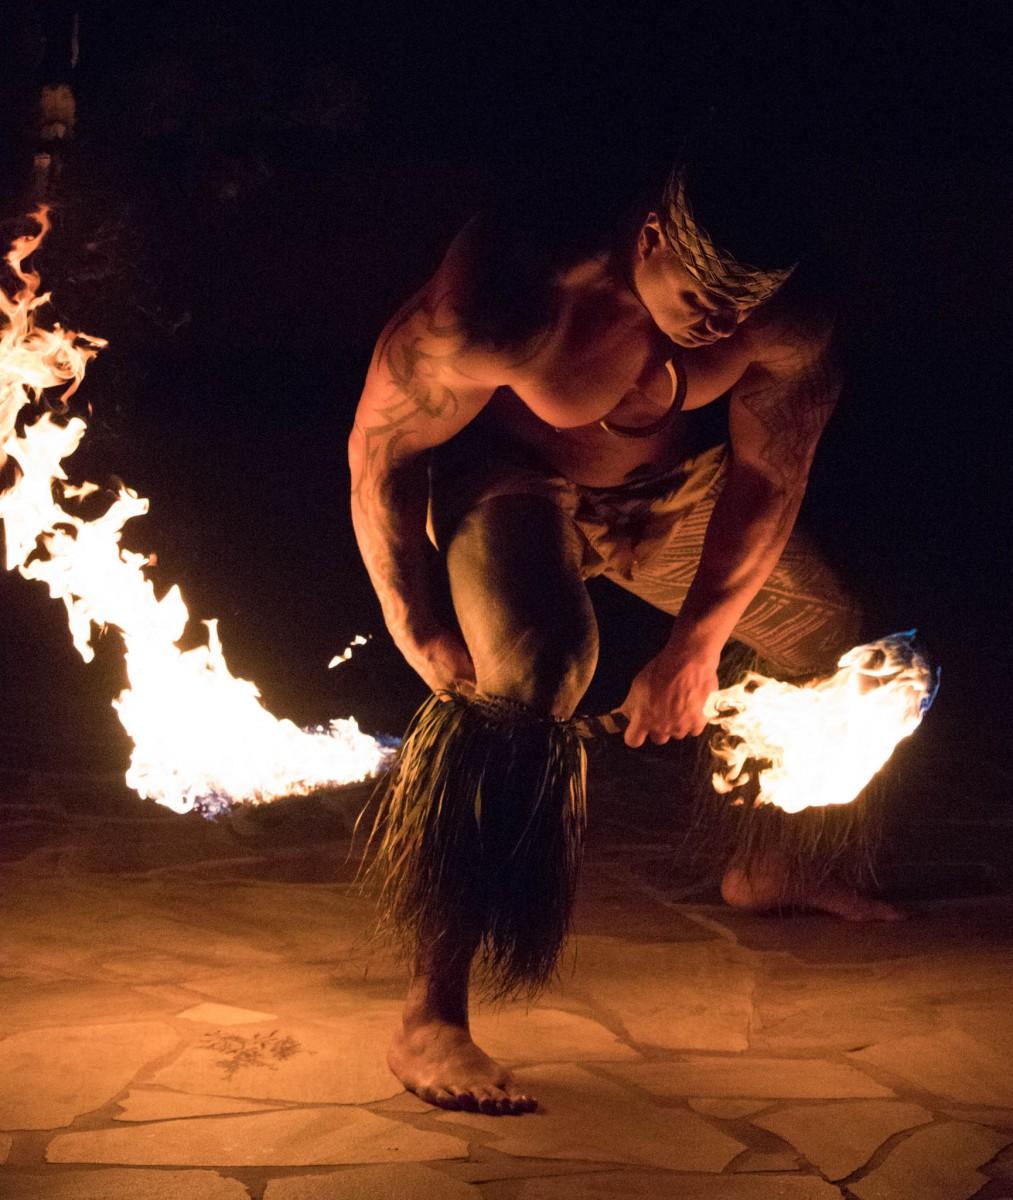 Royal Hawaiian Hotel Luau - Samoan Fire Knife Dancer